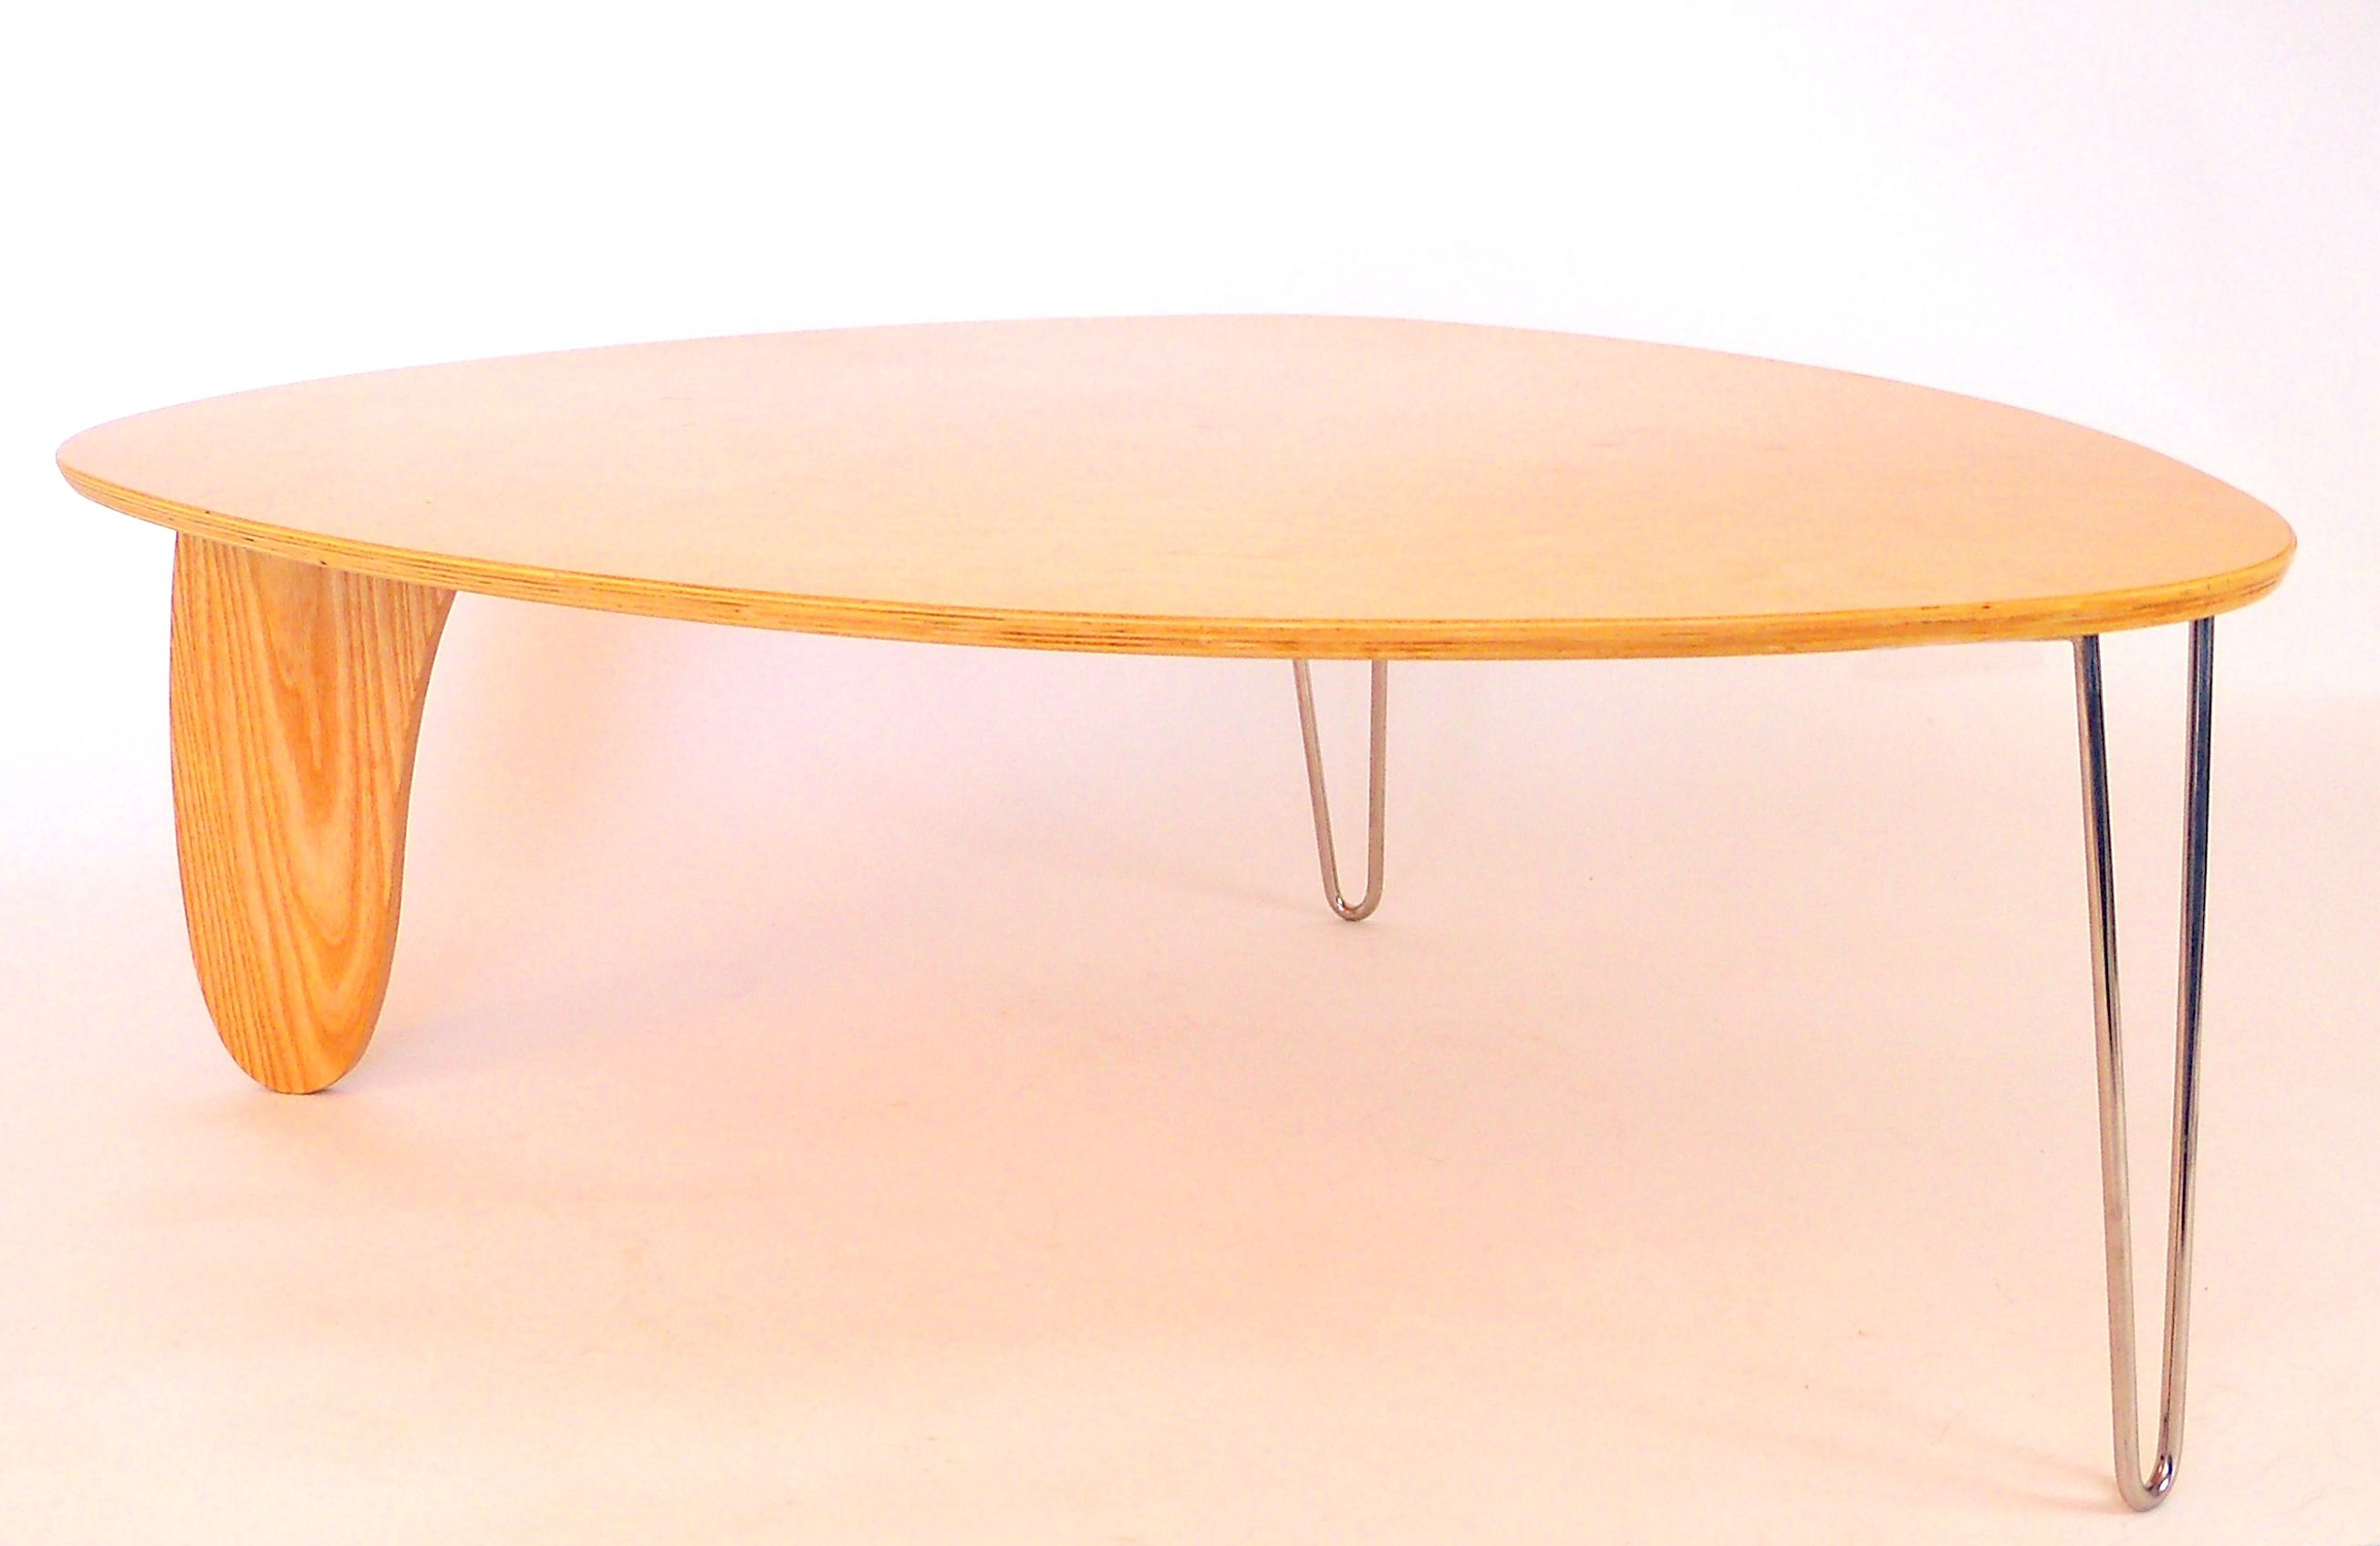 ISAMU NOGUCHI RUDDER TABLE THIS IS A NOGUCHI RUDDER TABLE PRODUCED - Noguchi rudder table